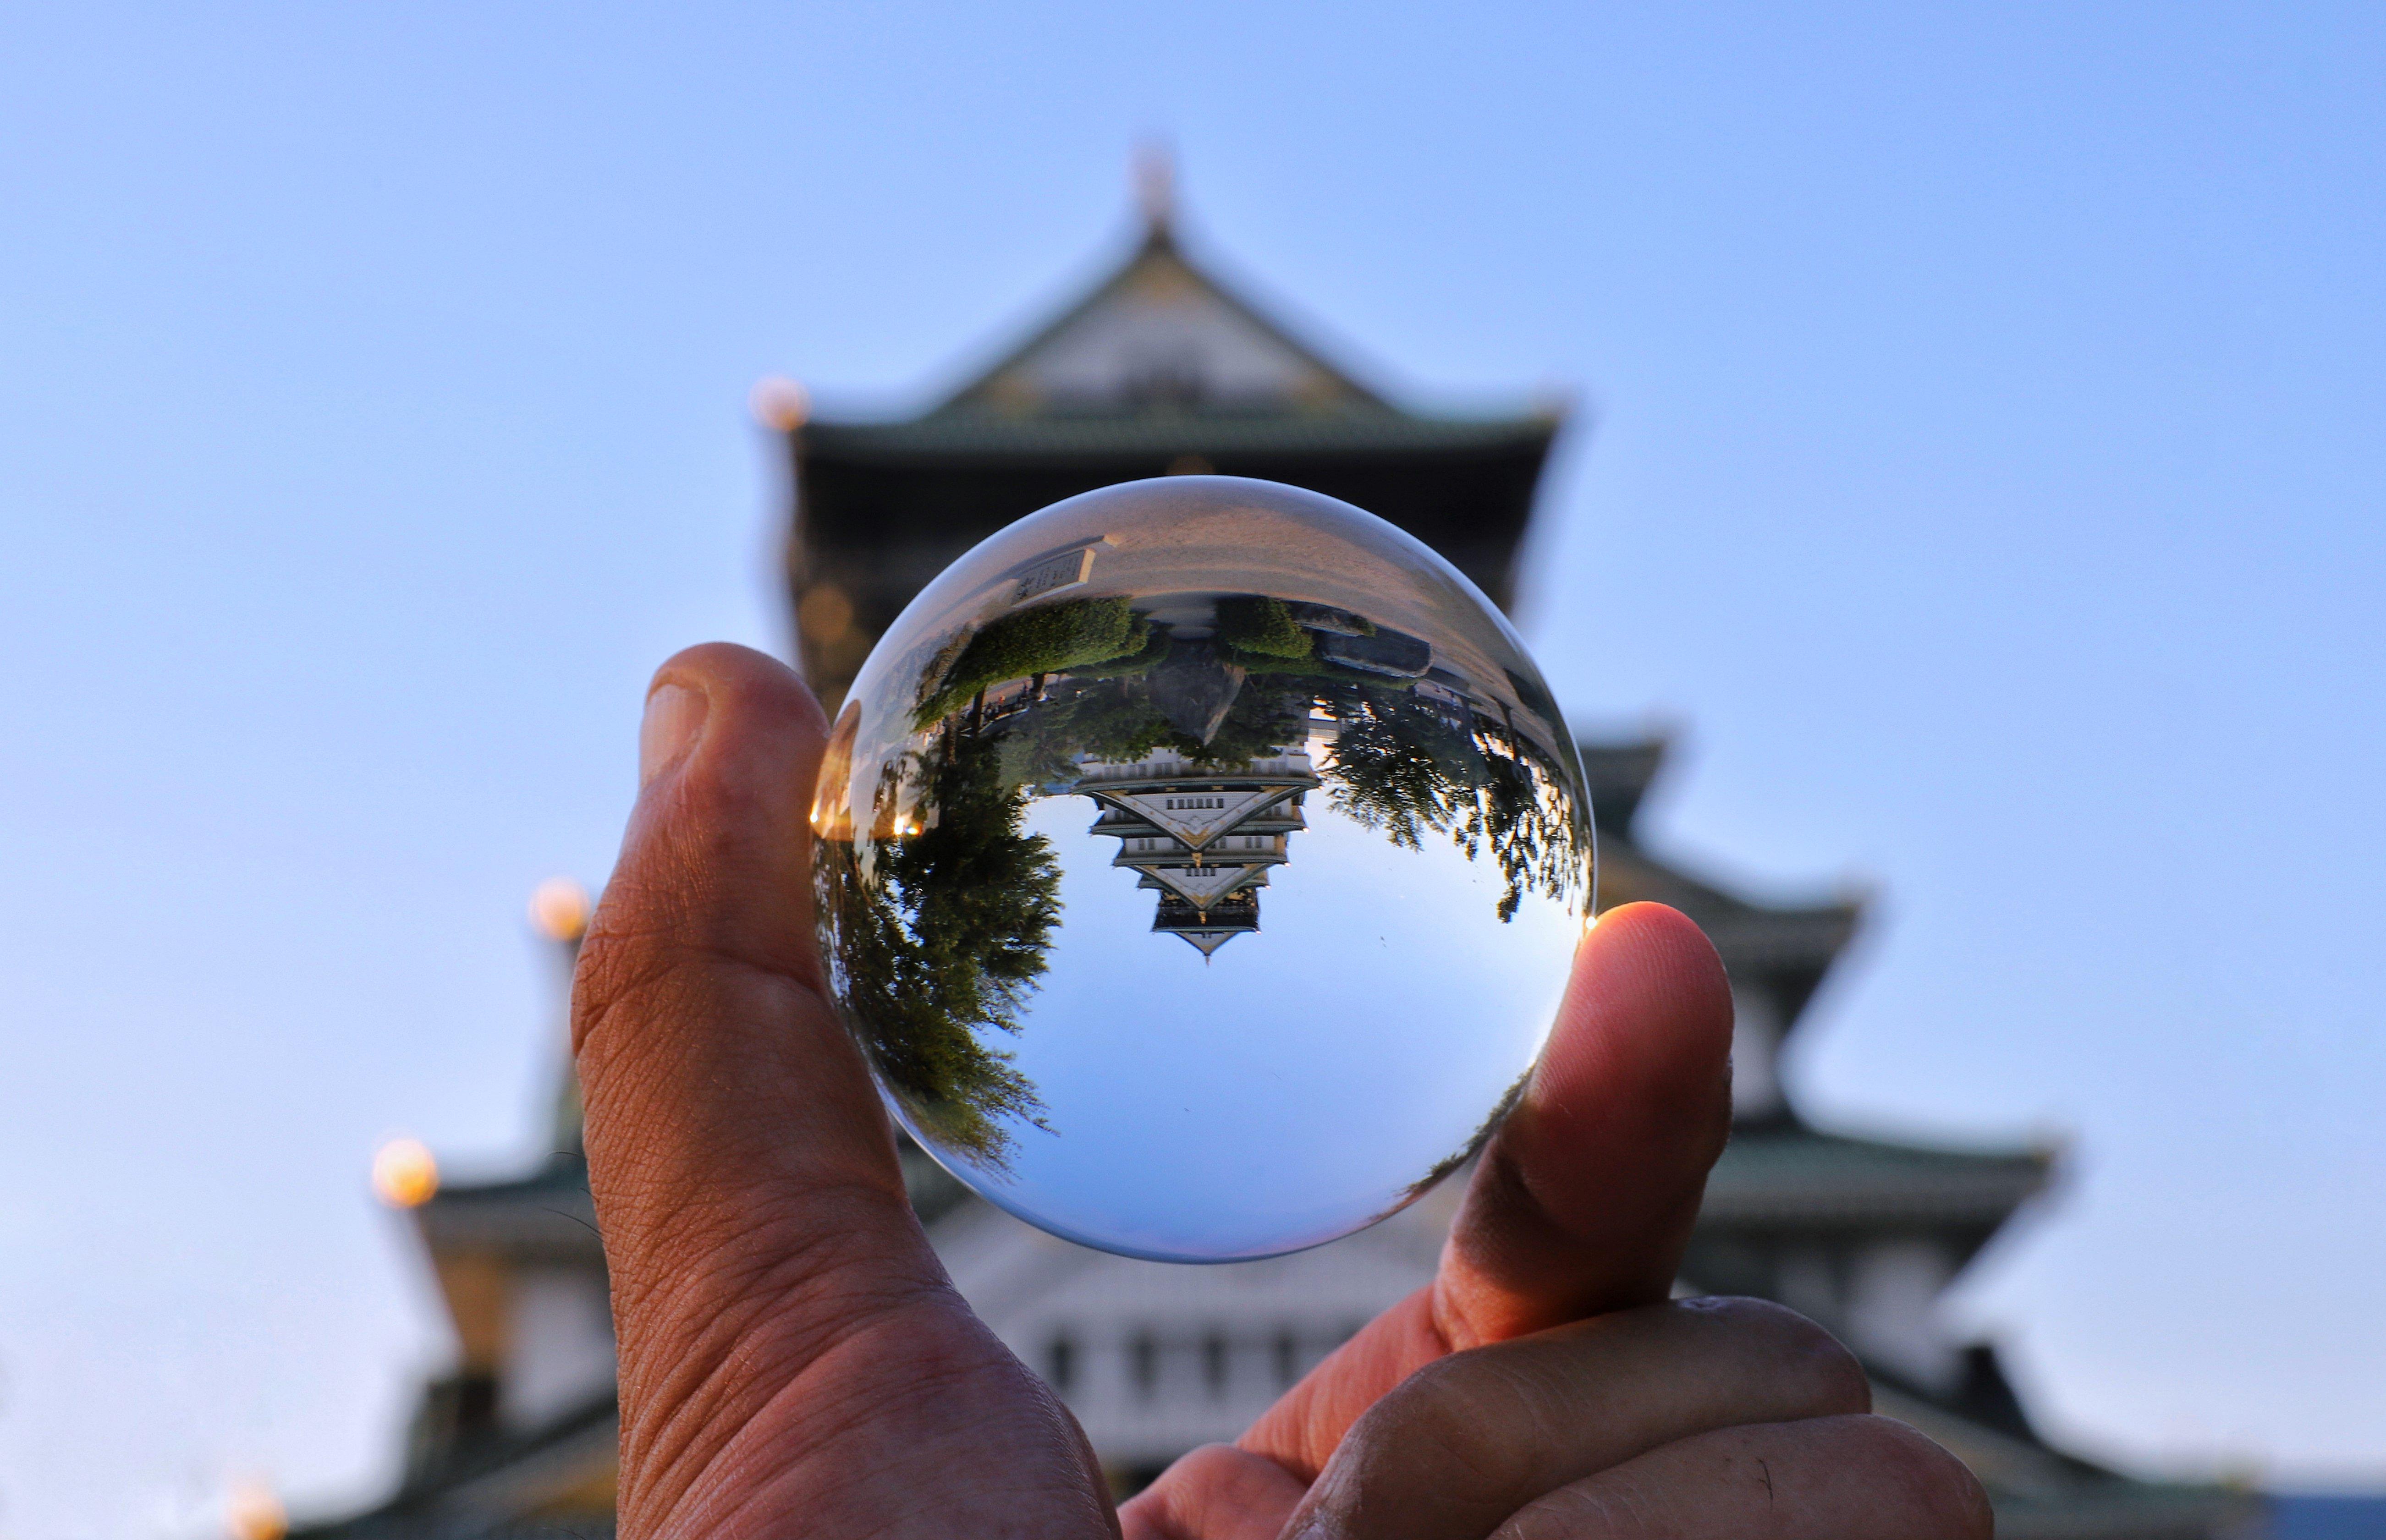 水晶球越しに見る城跡の写真